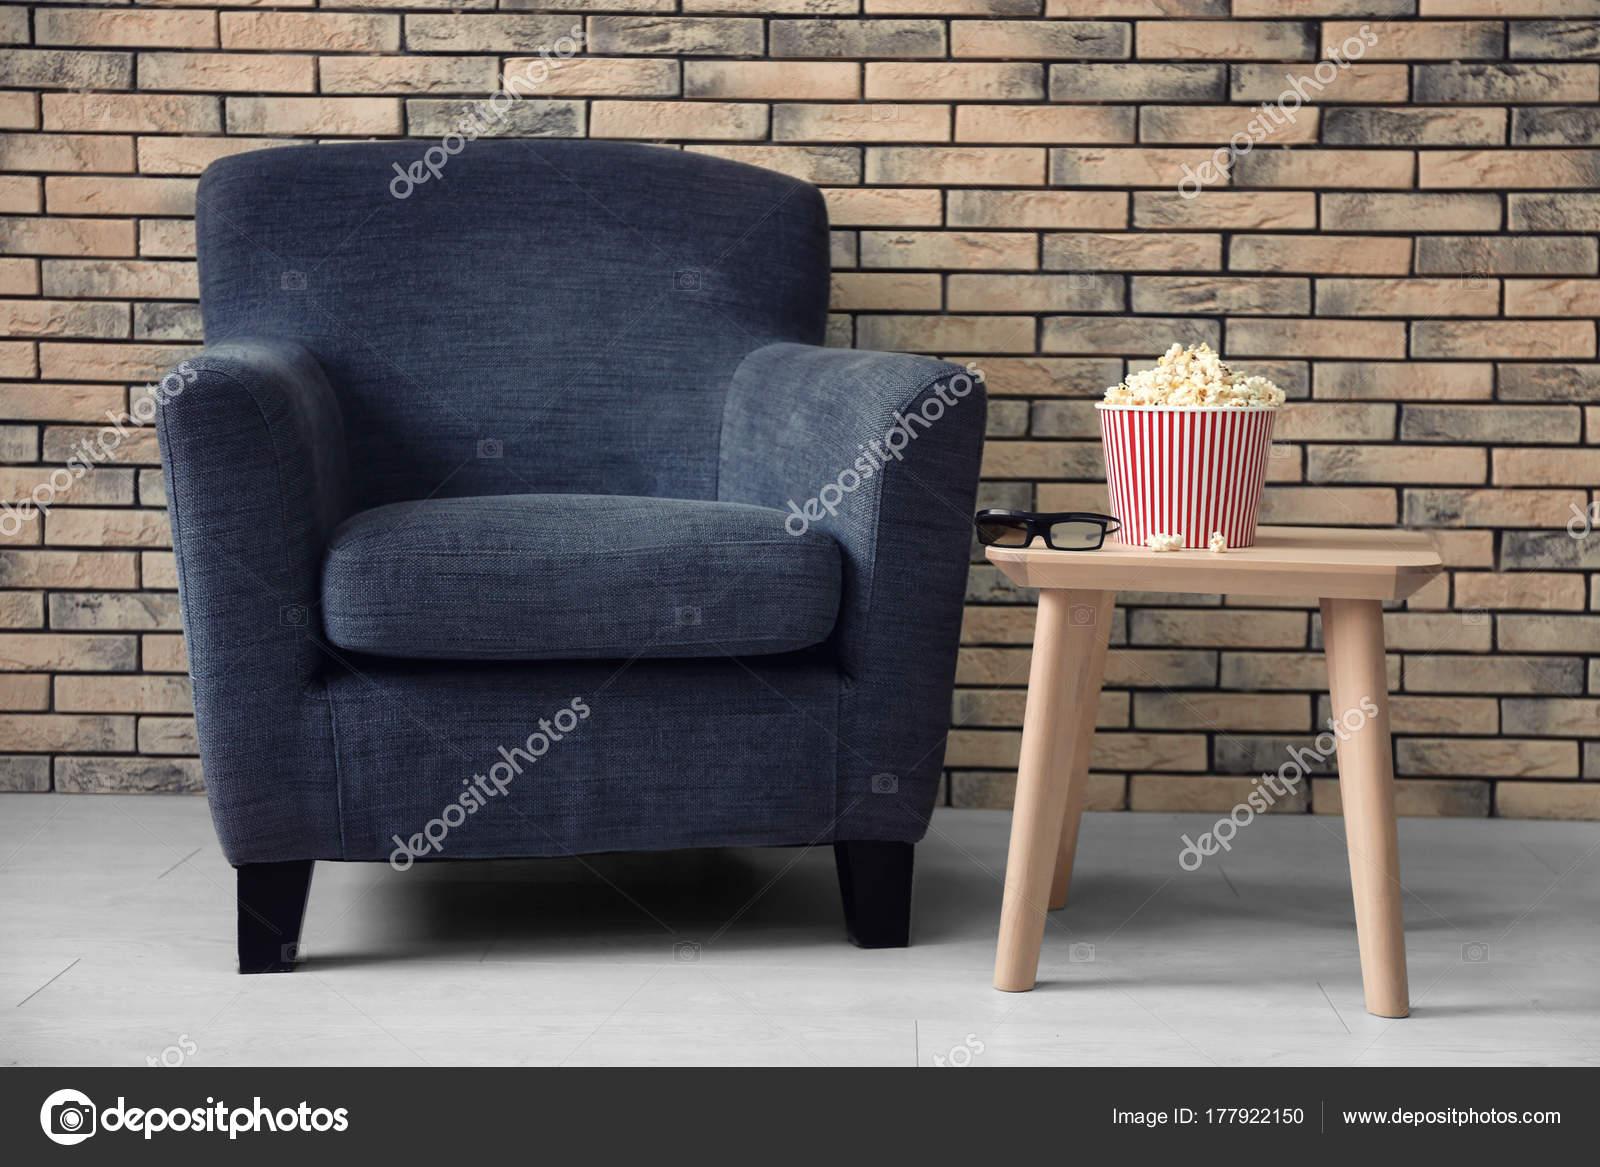 fauteuil confortable en home cinma regarder film image de belchonock - Fauteuil Home Cinema